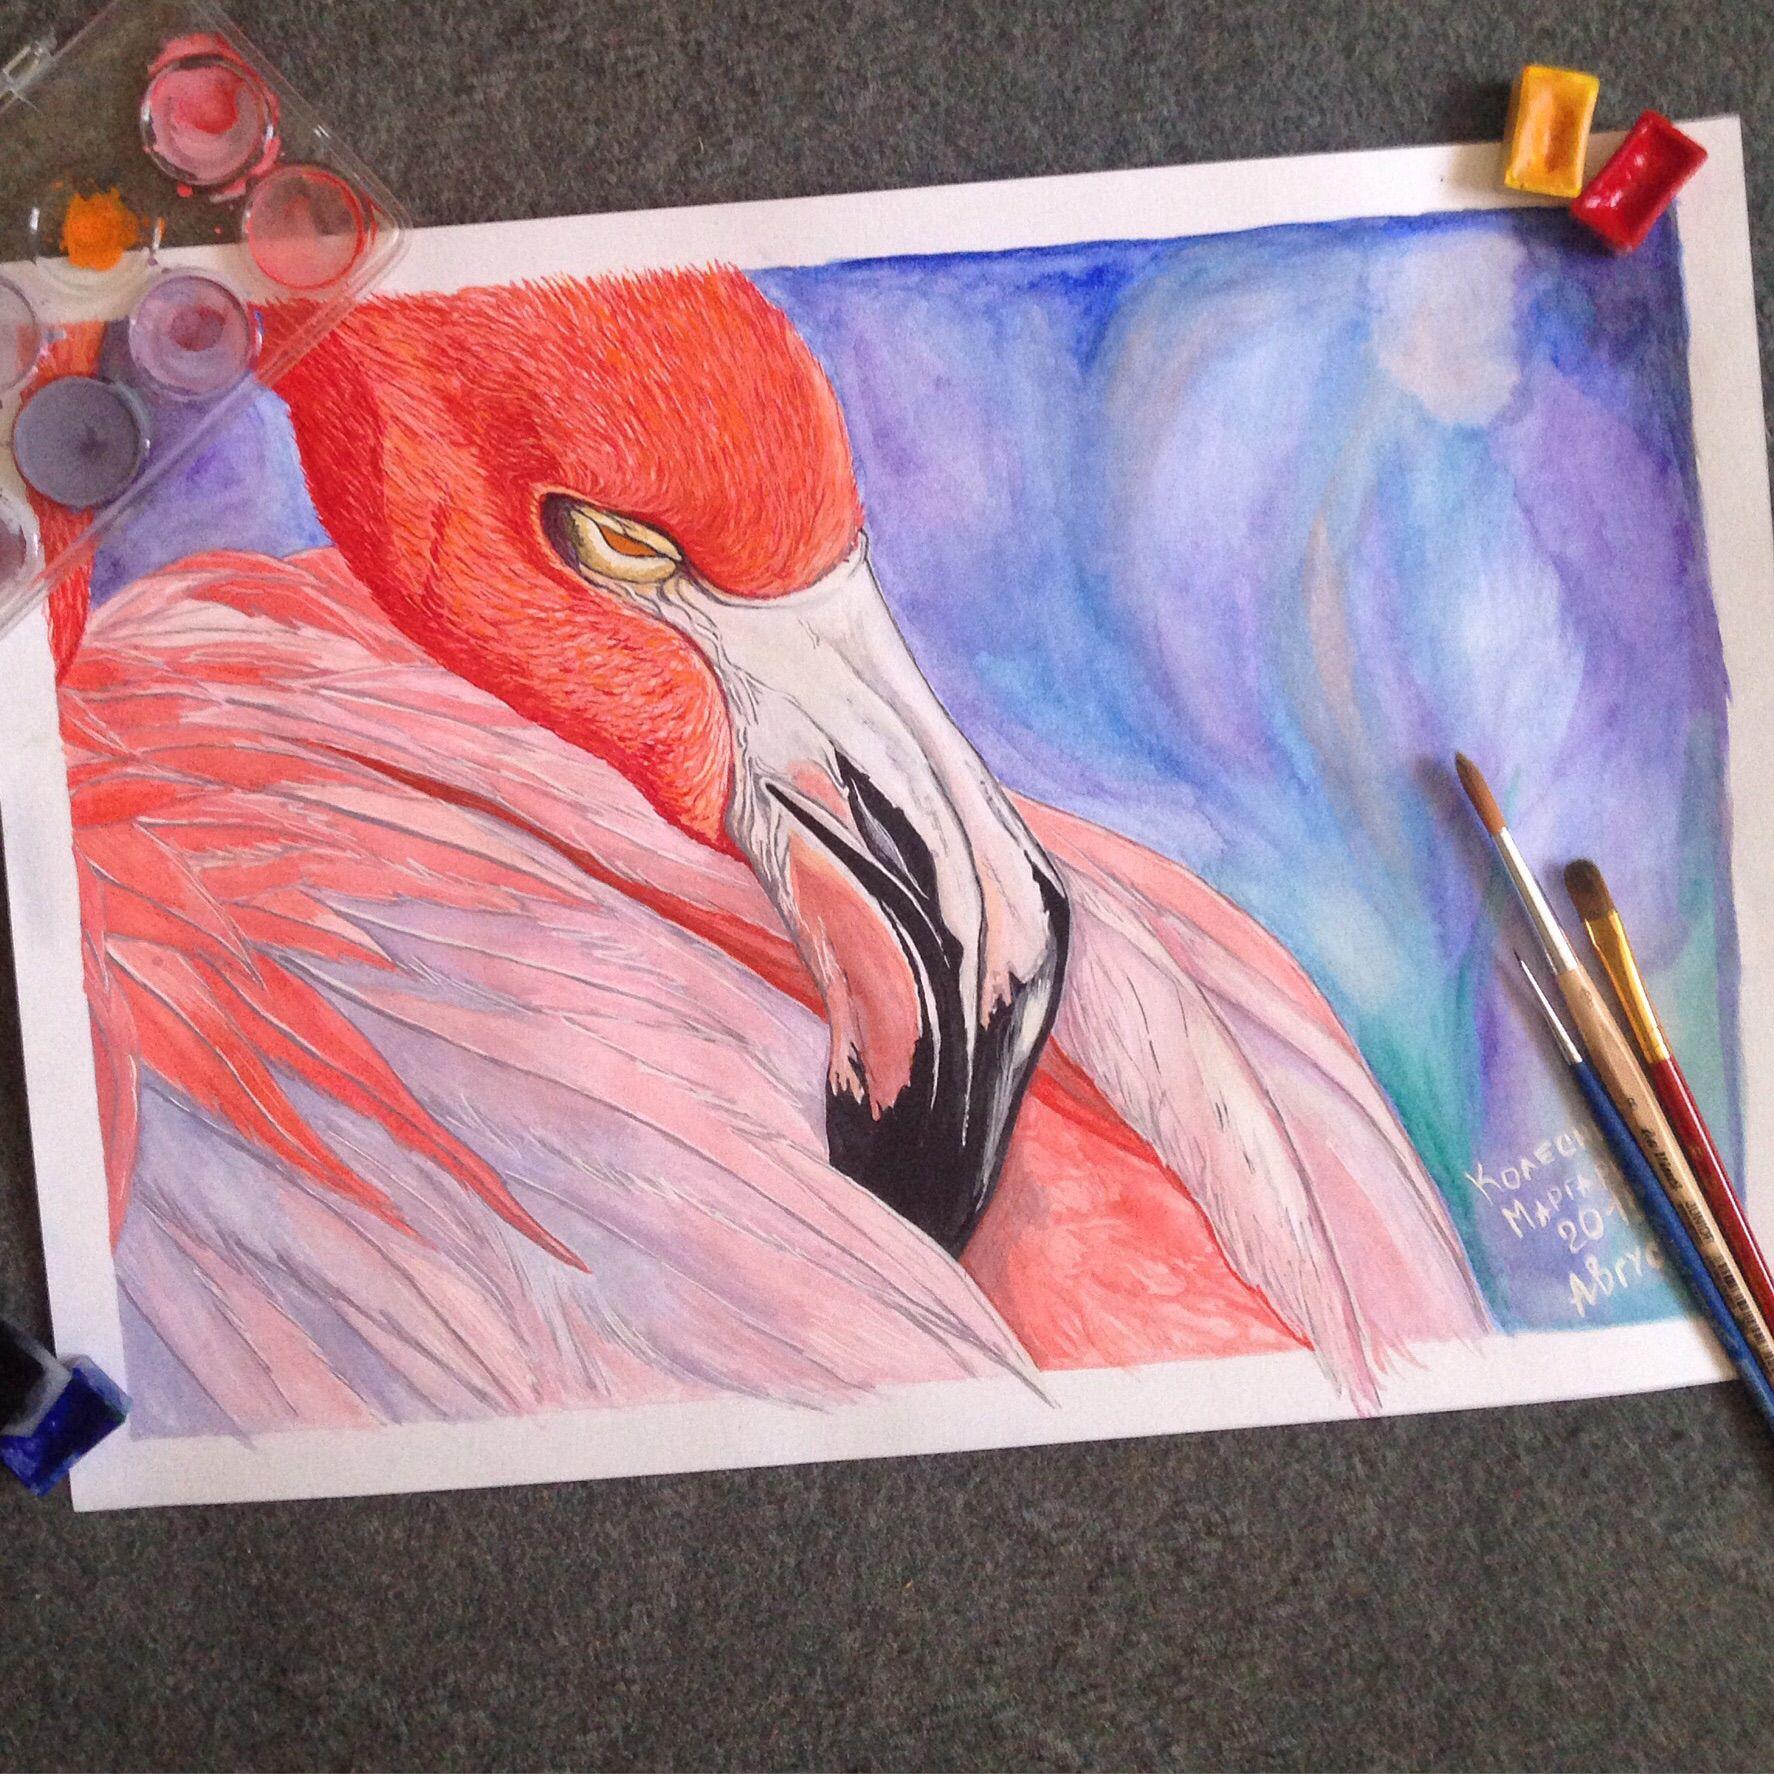 гостиная продаю картина купить детская декор рисую рисунки спальня интерьер дача столовая фламинго дизайн акварель продам дом